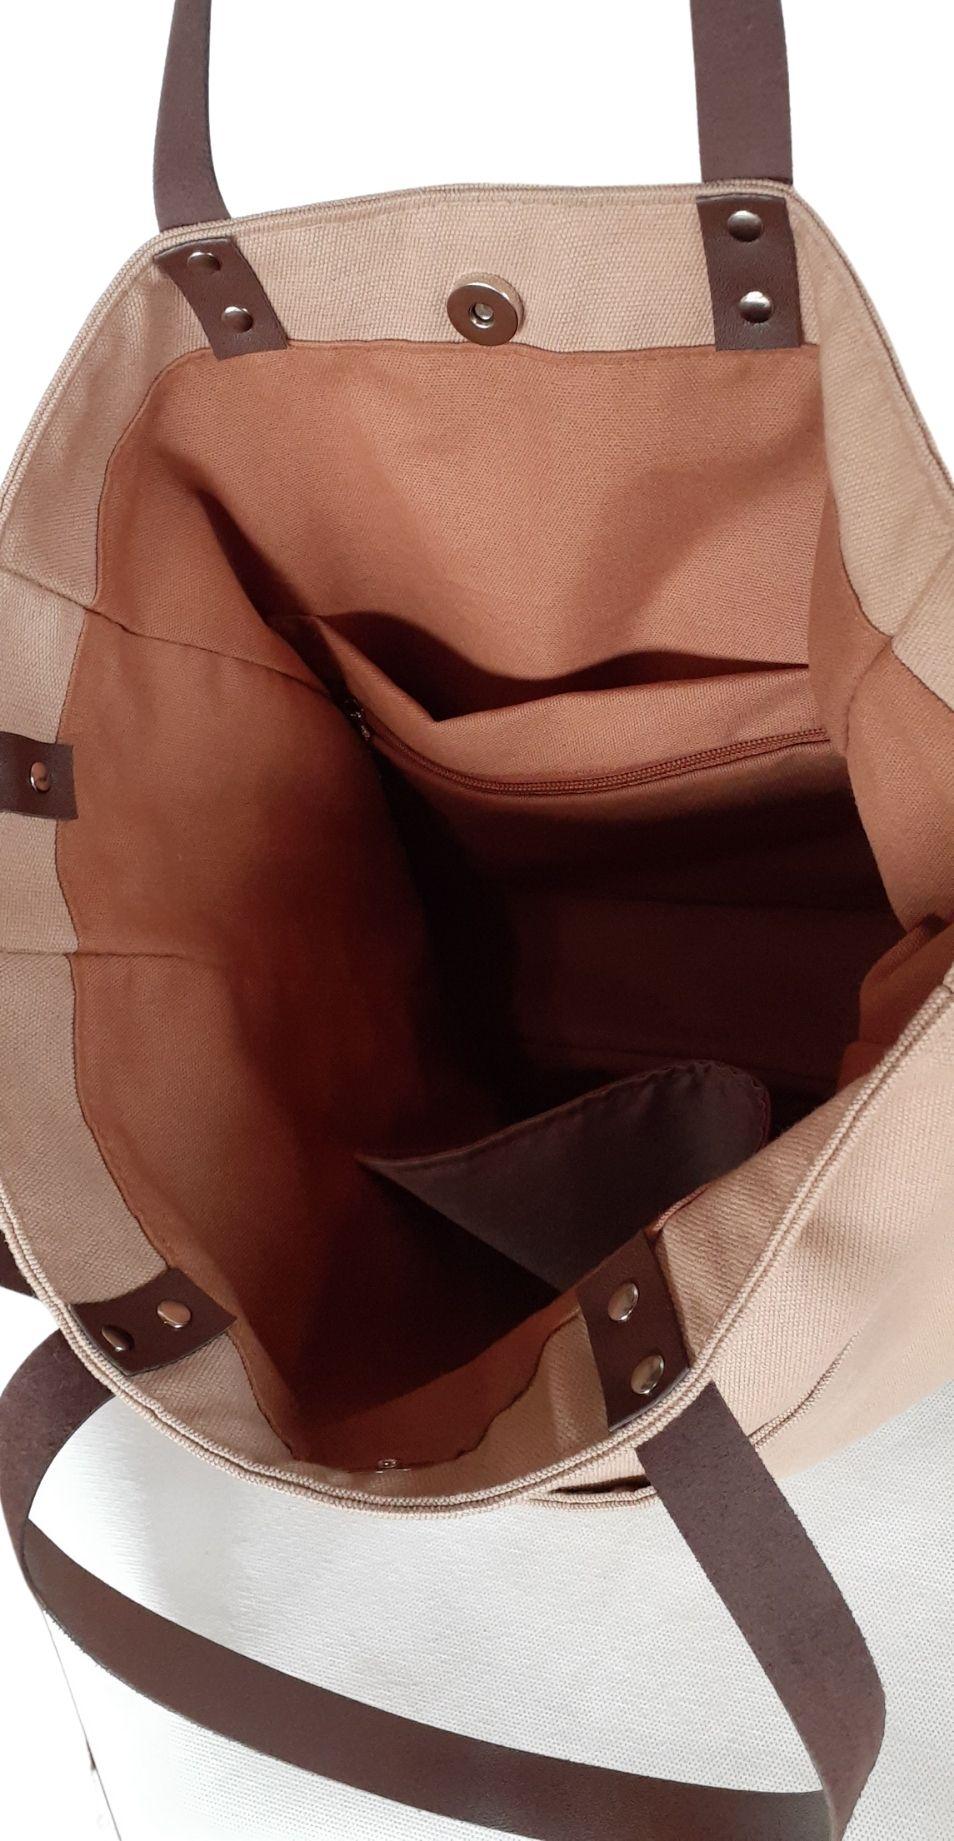 Bolsa/sacola maccril nude de tecido com alças de couro